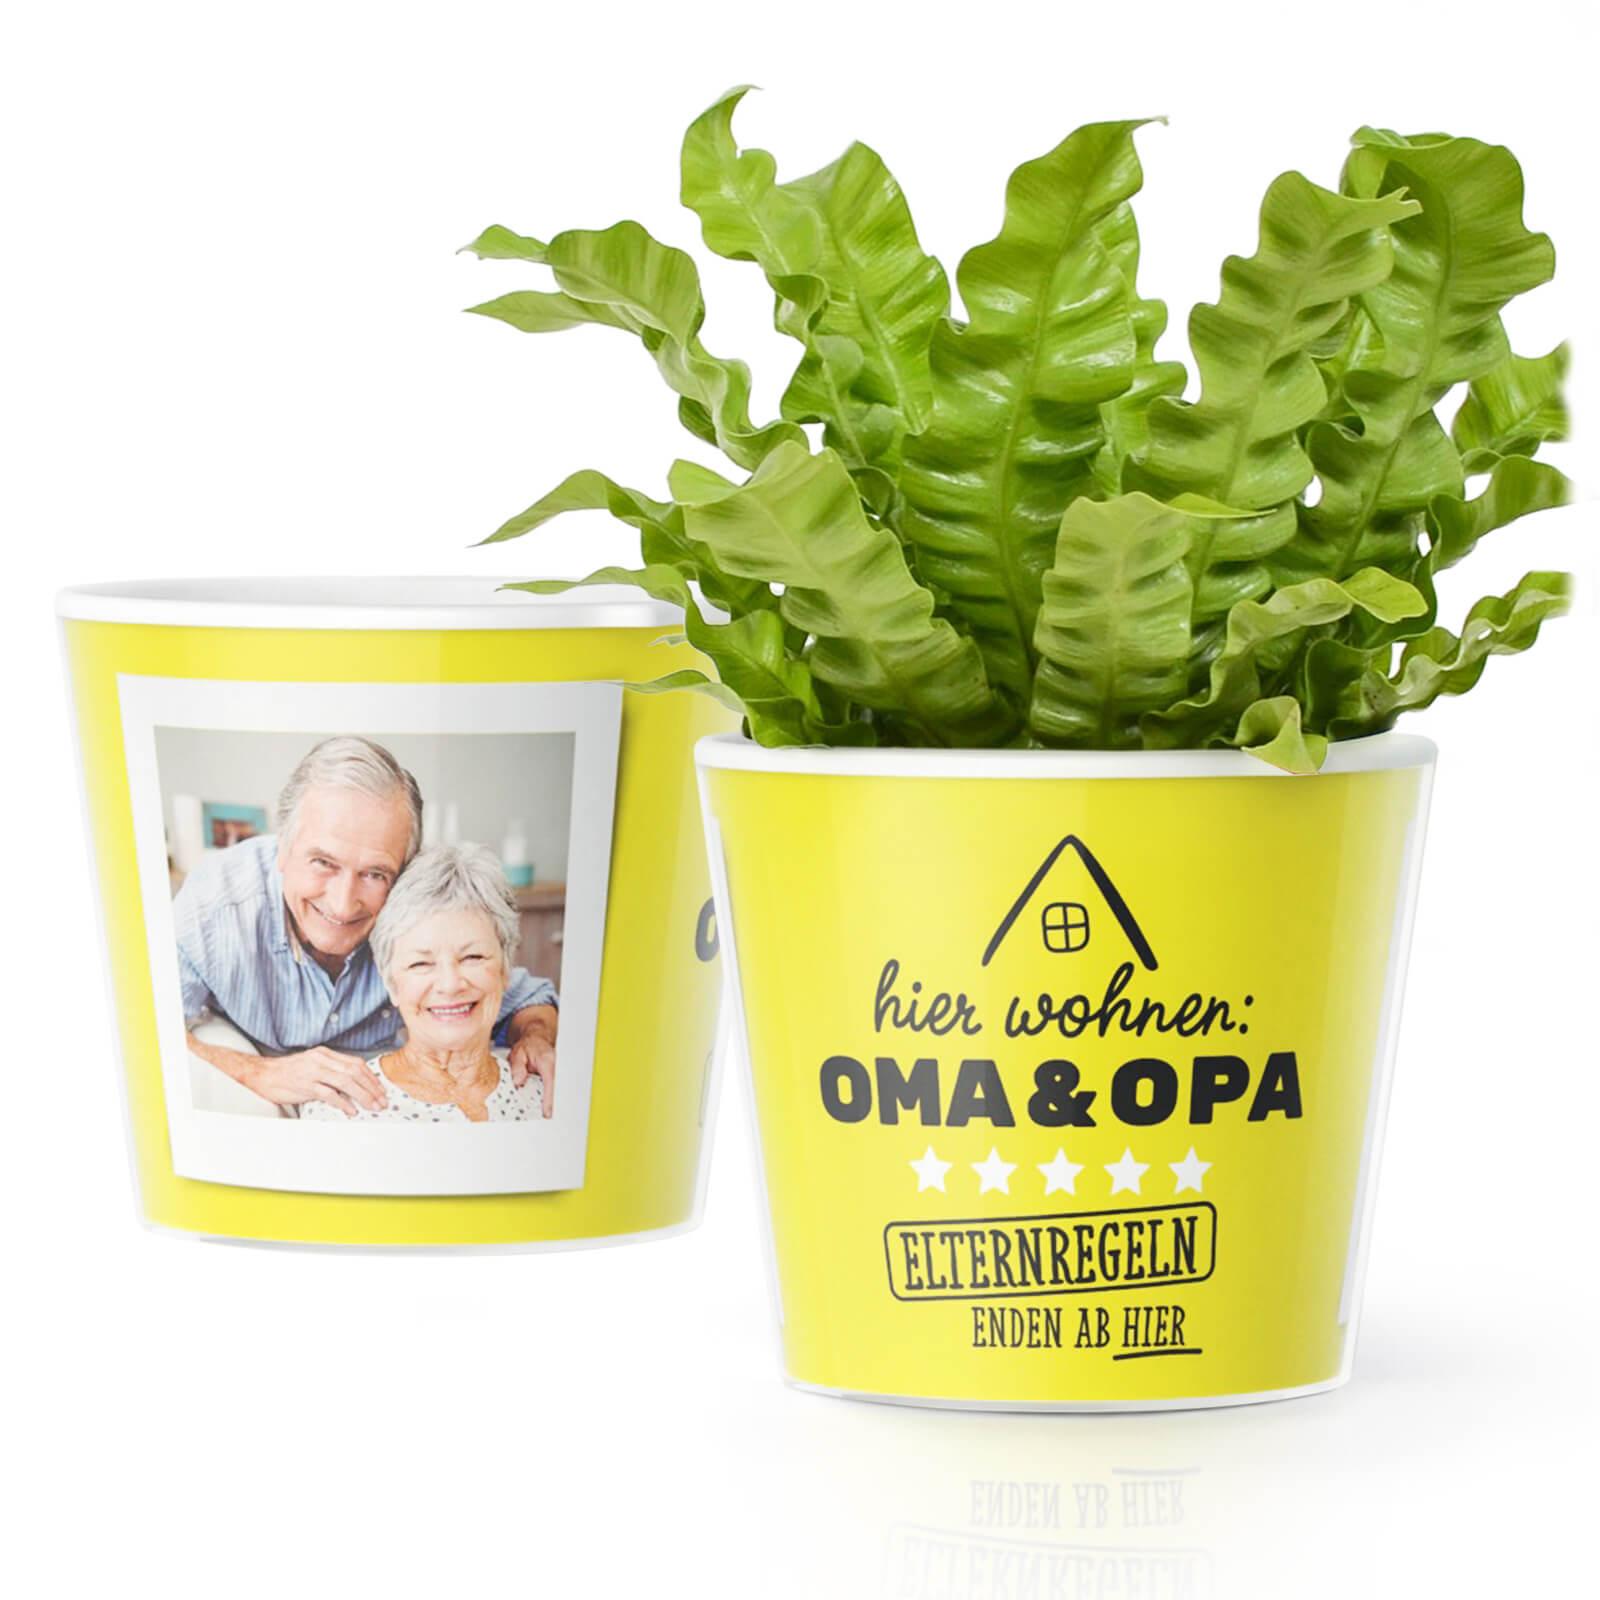 Lustige Geschenke für Oma und Opa Elternregeln